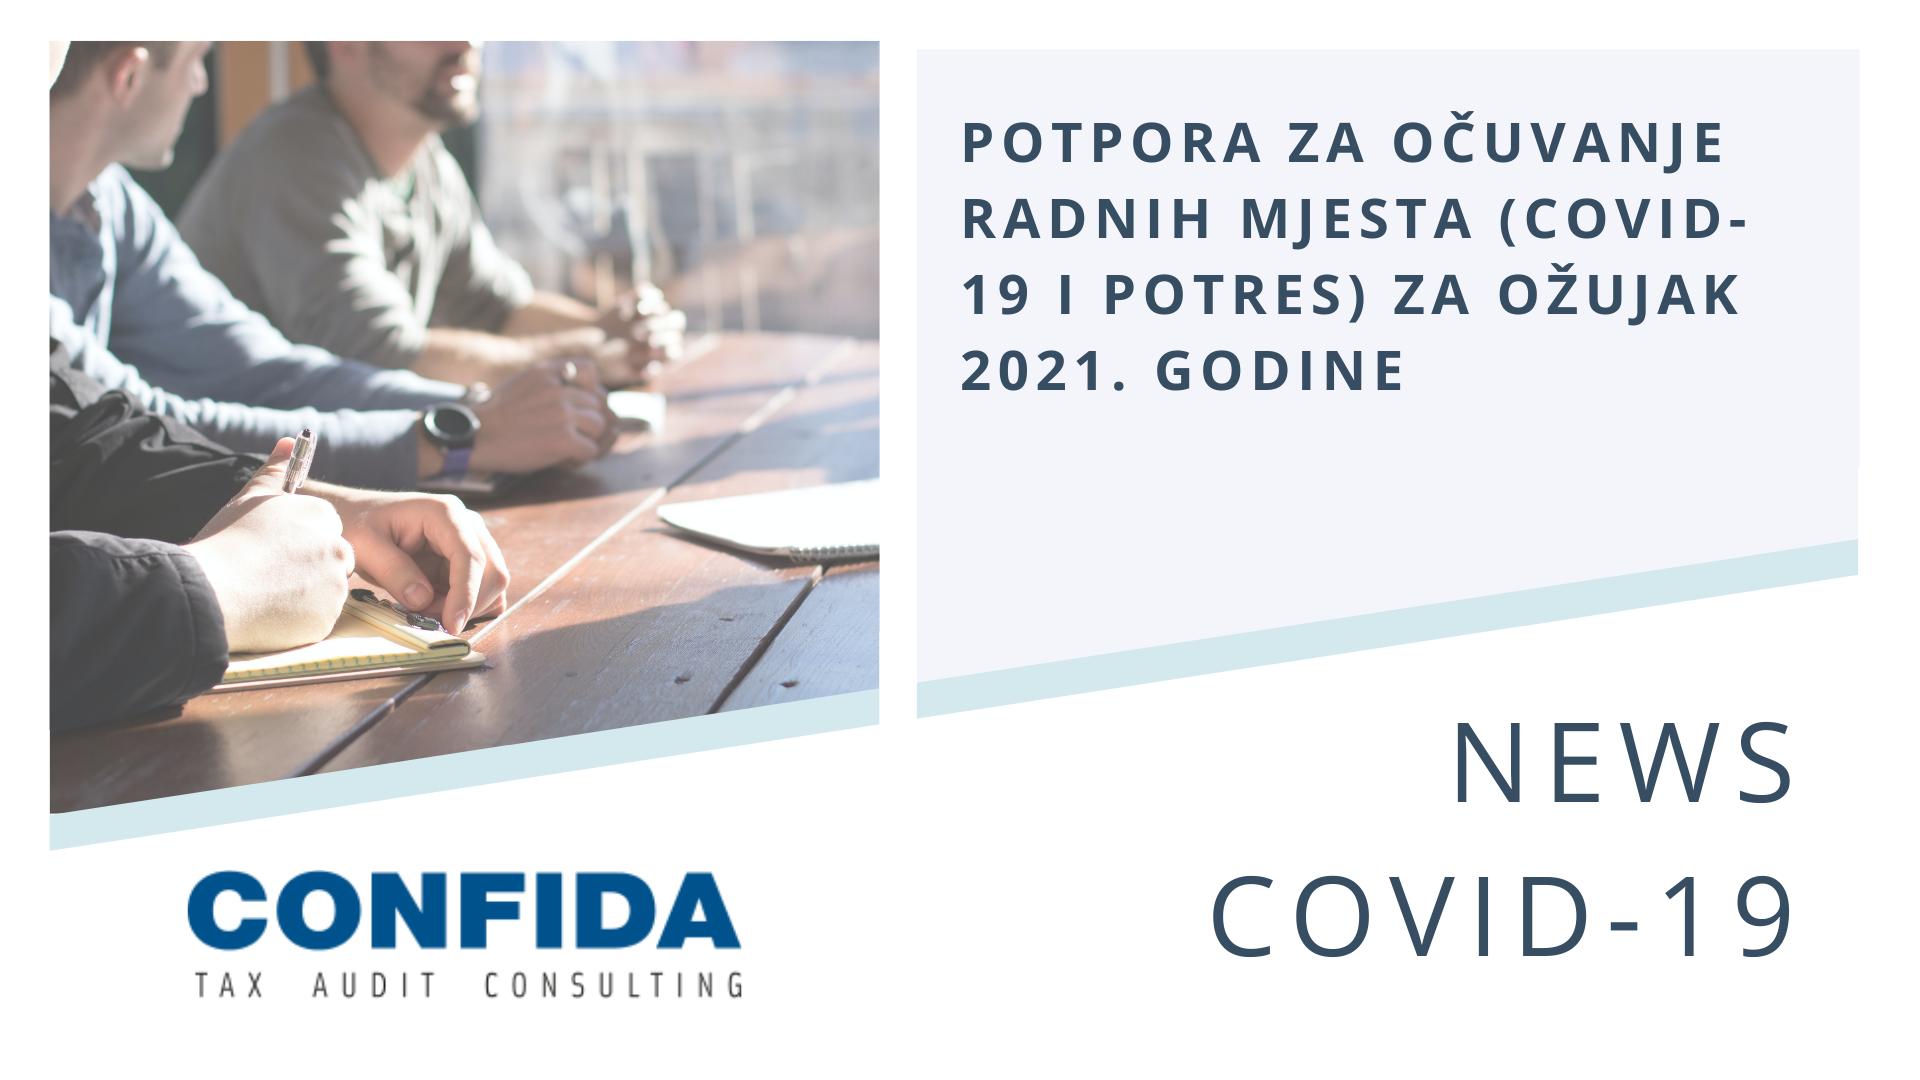 Potpora za očuvanje radnih mjesta (COVID-19 i potres) za ožujak 2021. godine